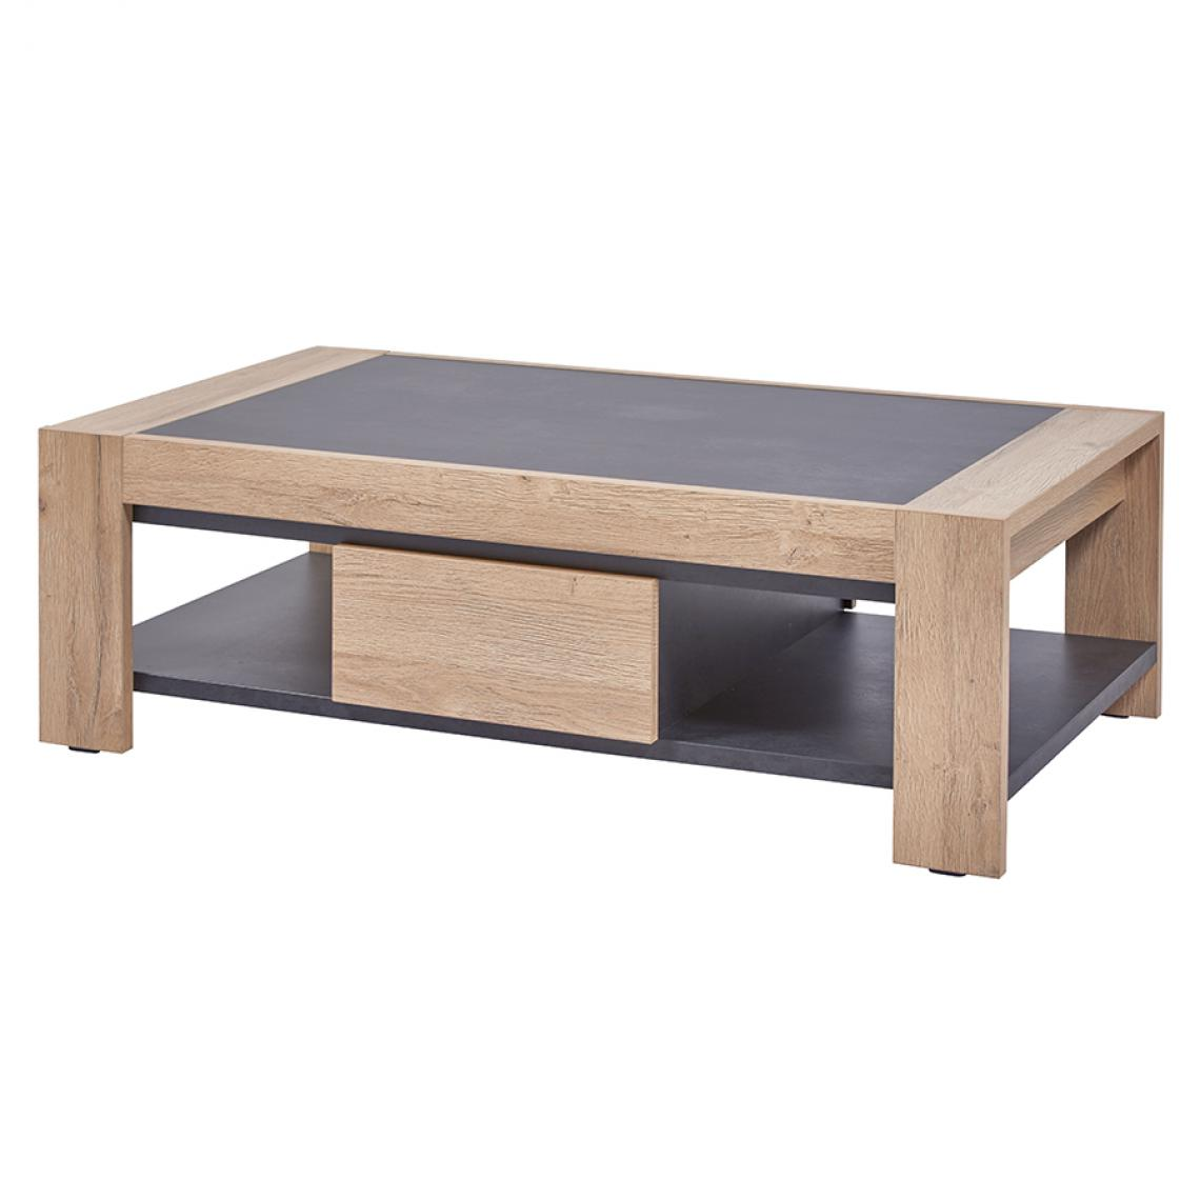 Nouvomeuble Table basse contemporaine couleur chêne clair NELLIE